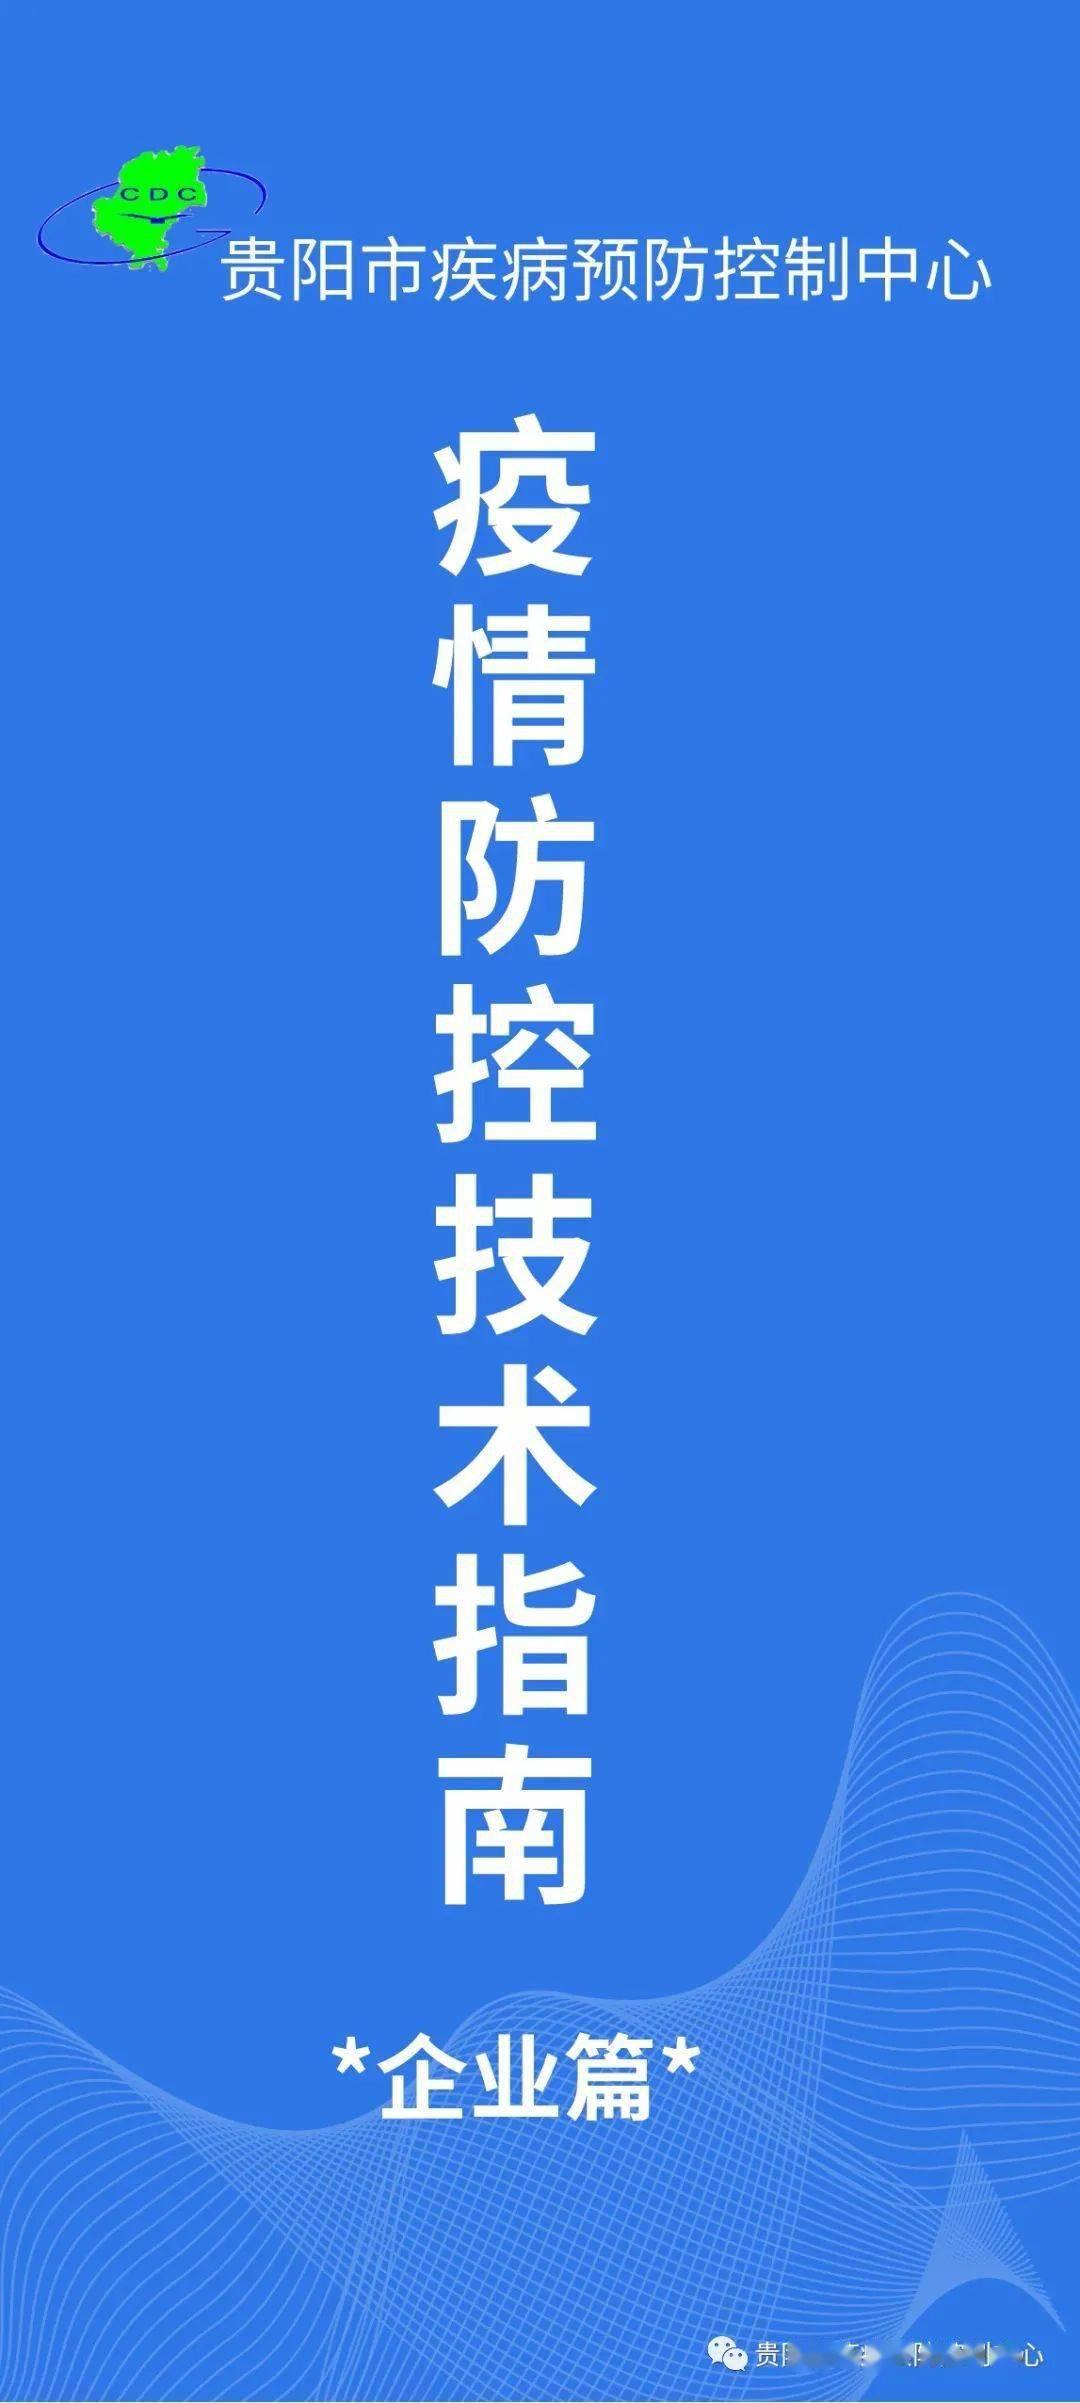 贵阳疾控提醒您:贵阳日常防疫指引——企业篇